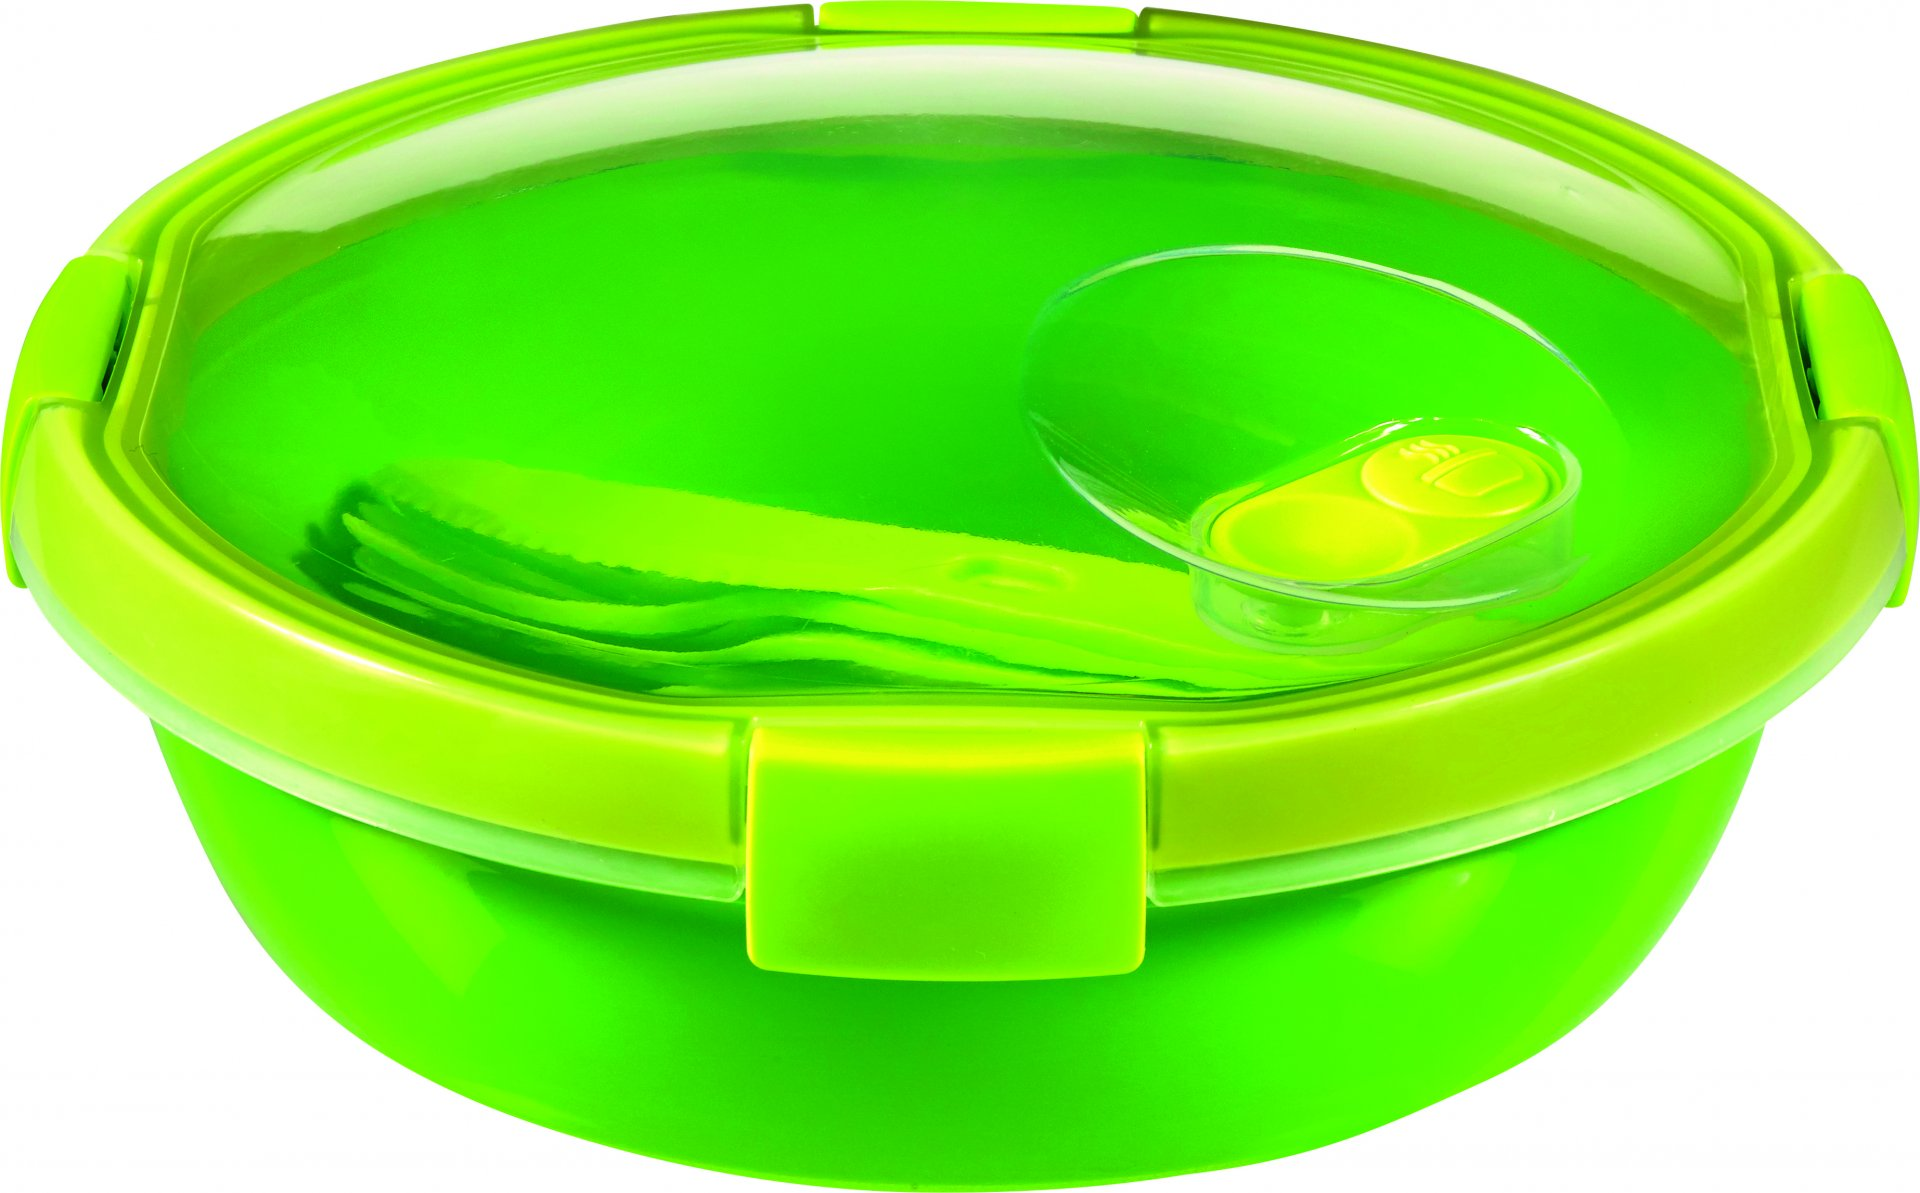 Curver kulatá dóza SMART TO GO 1l s příborem zelená